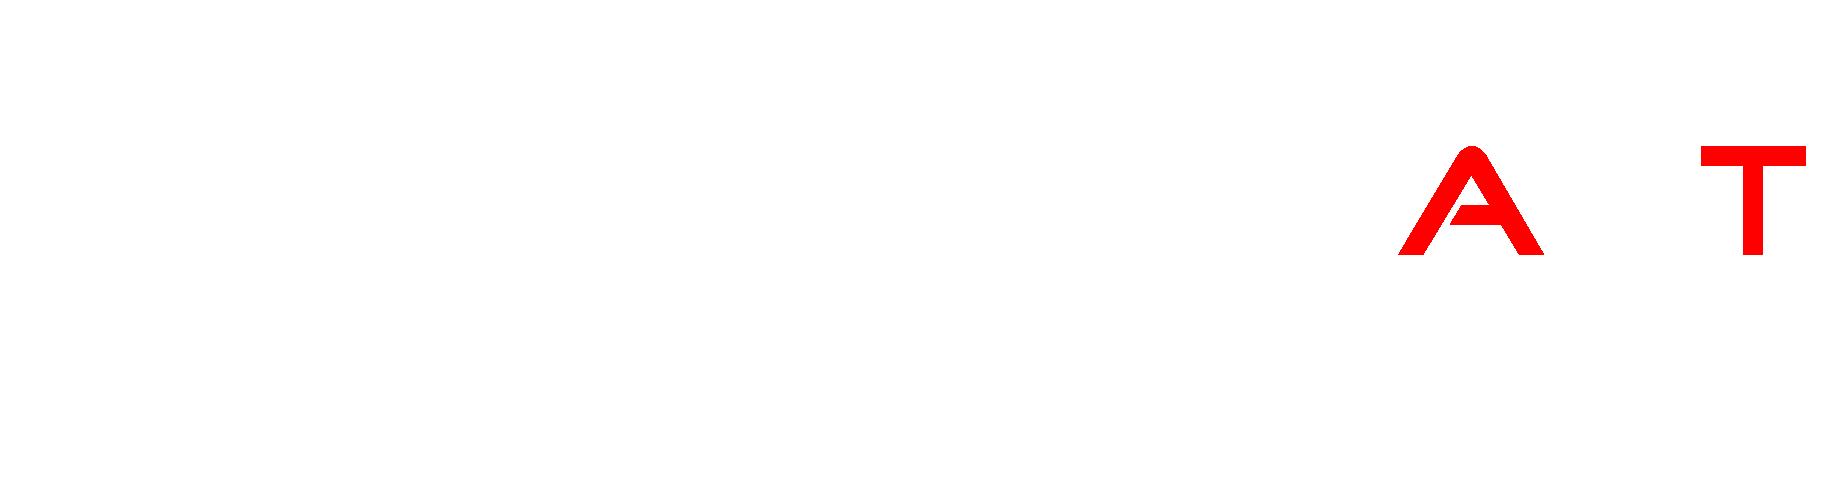 Soloprenaut white font